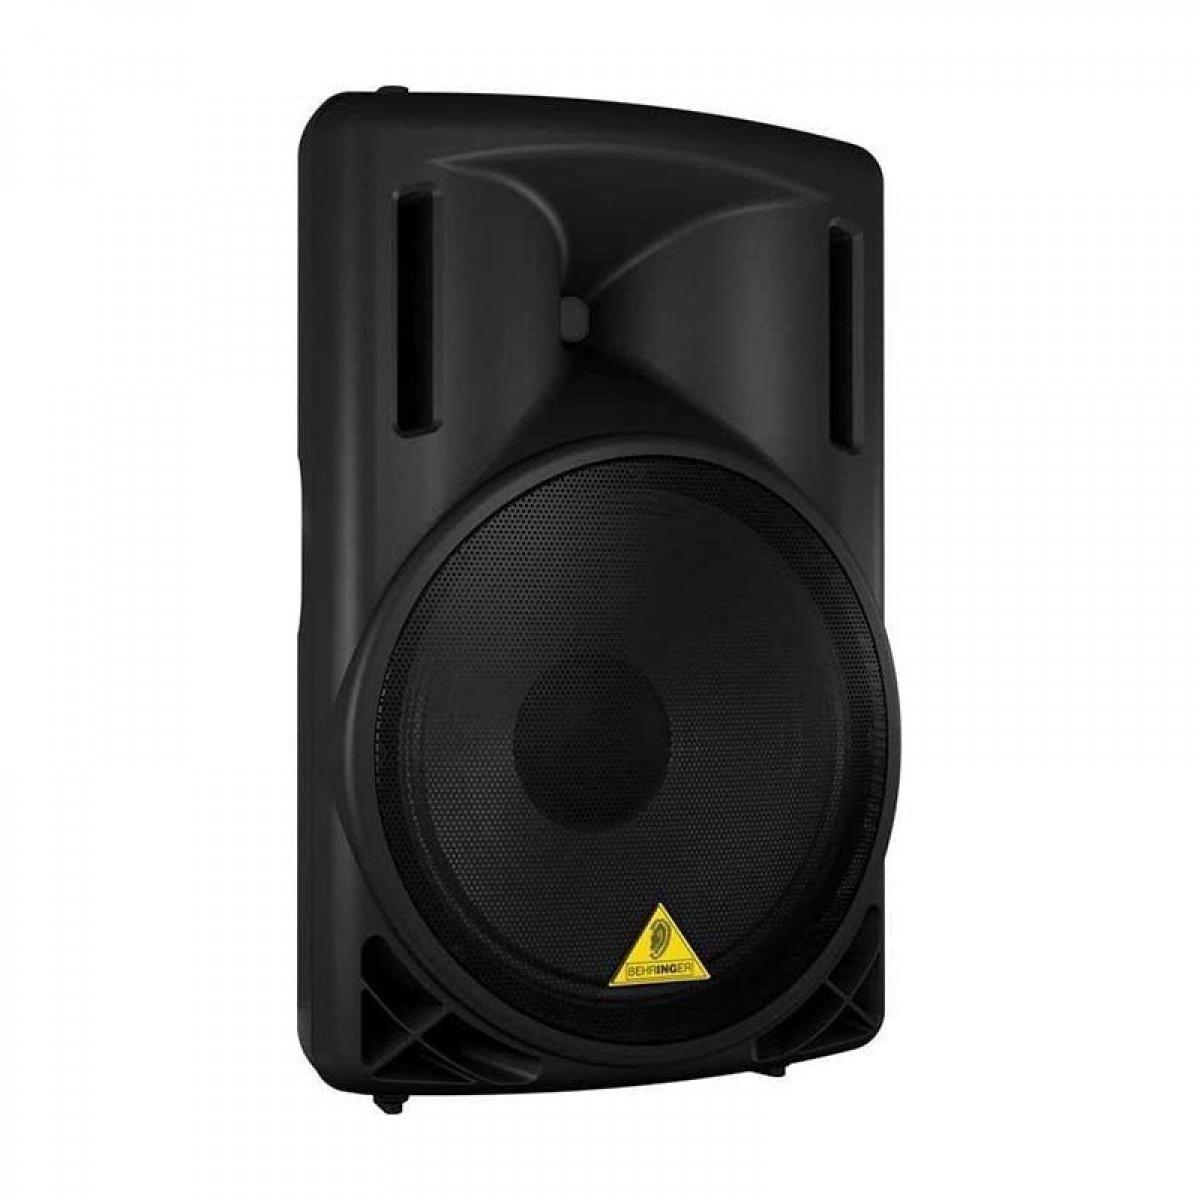 Pratik Ses Sistemi - 1 ad. 1000w 12inç Aktif Hoparlör (Günlük)